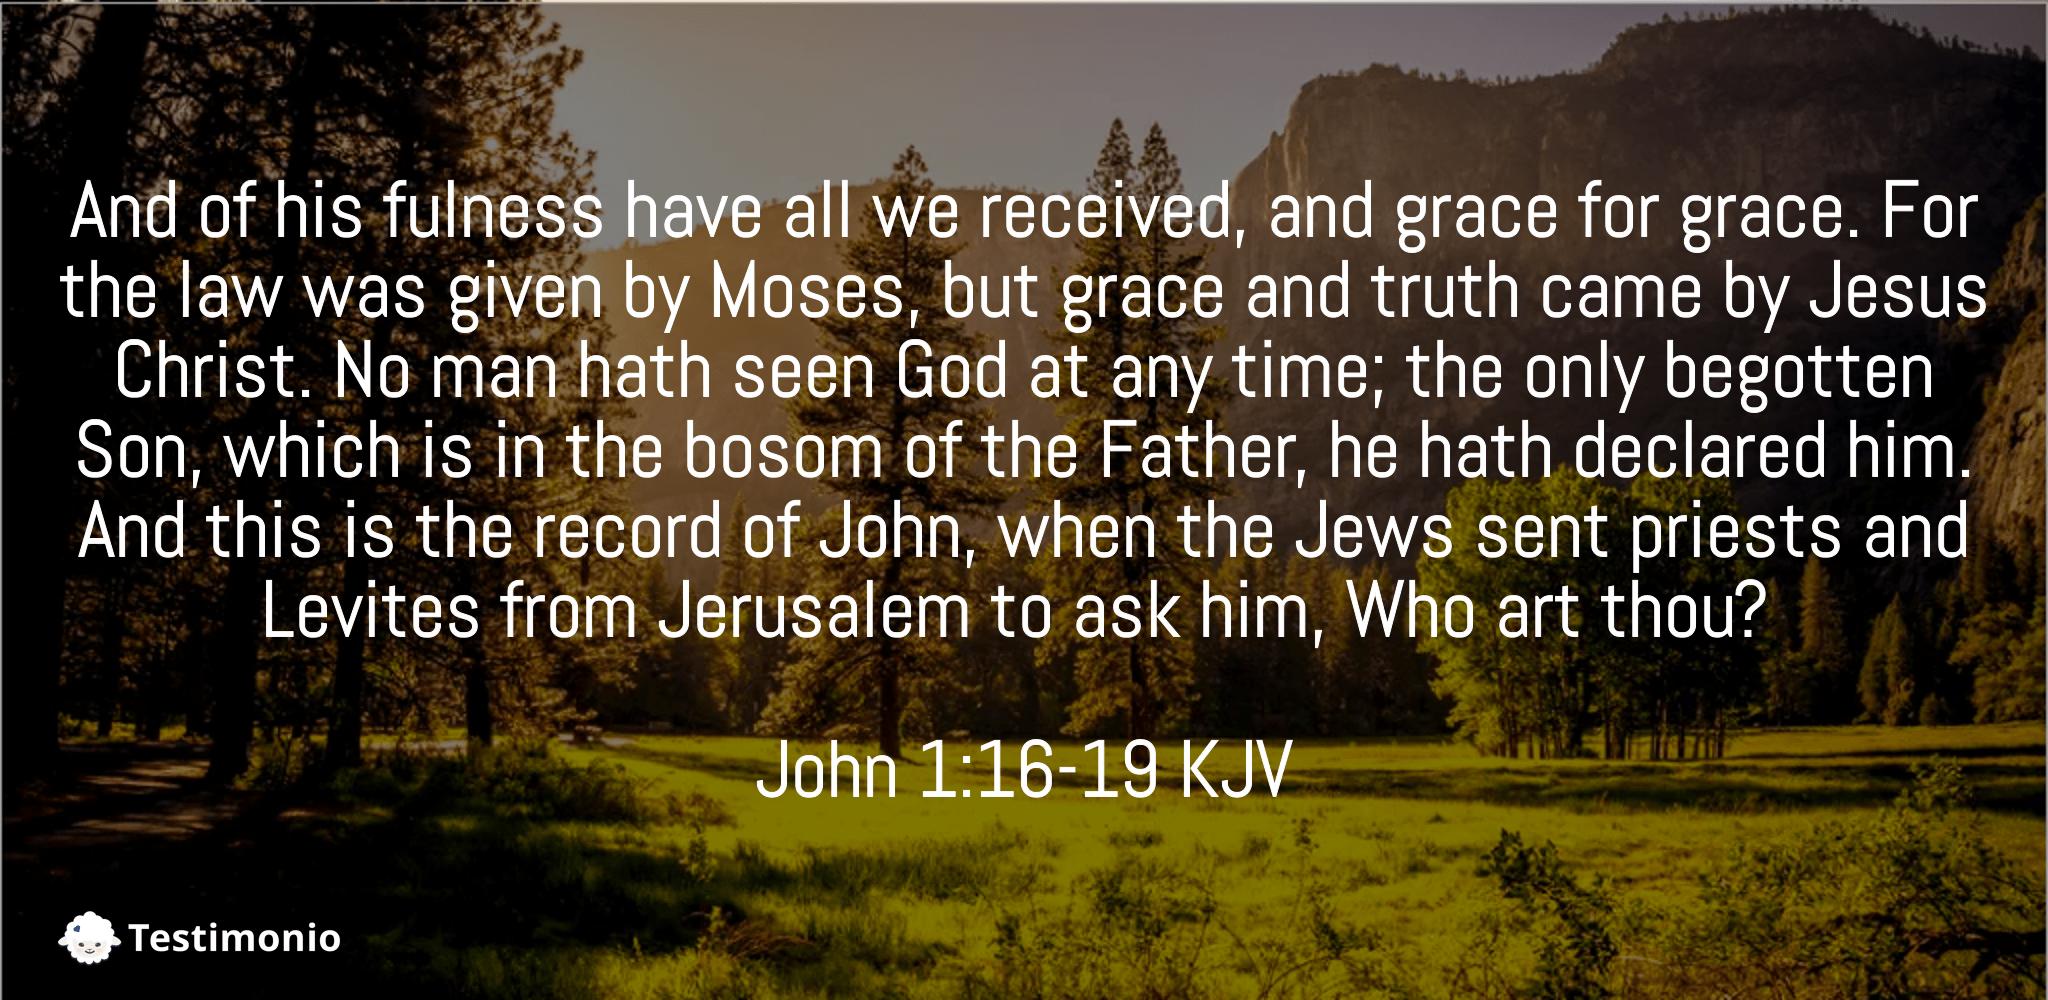 John 1:16-19